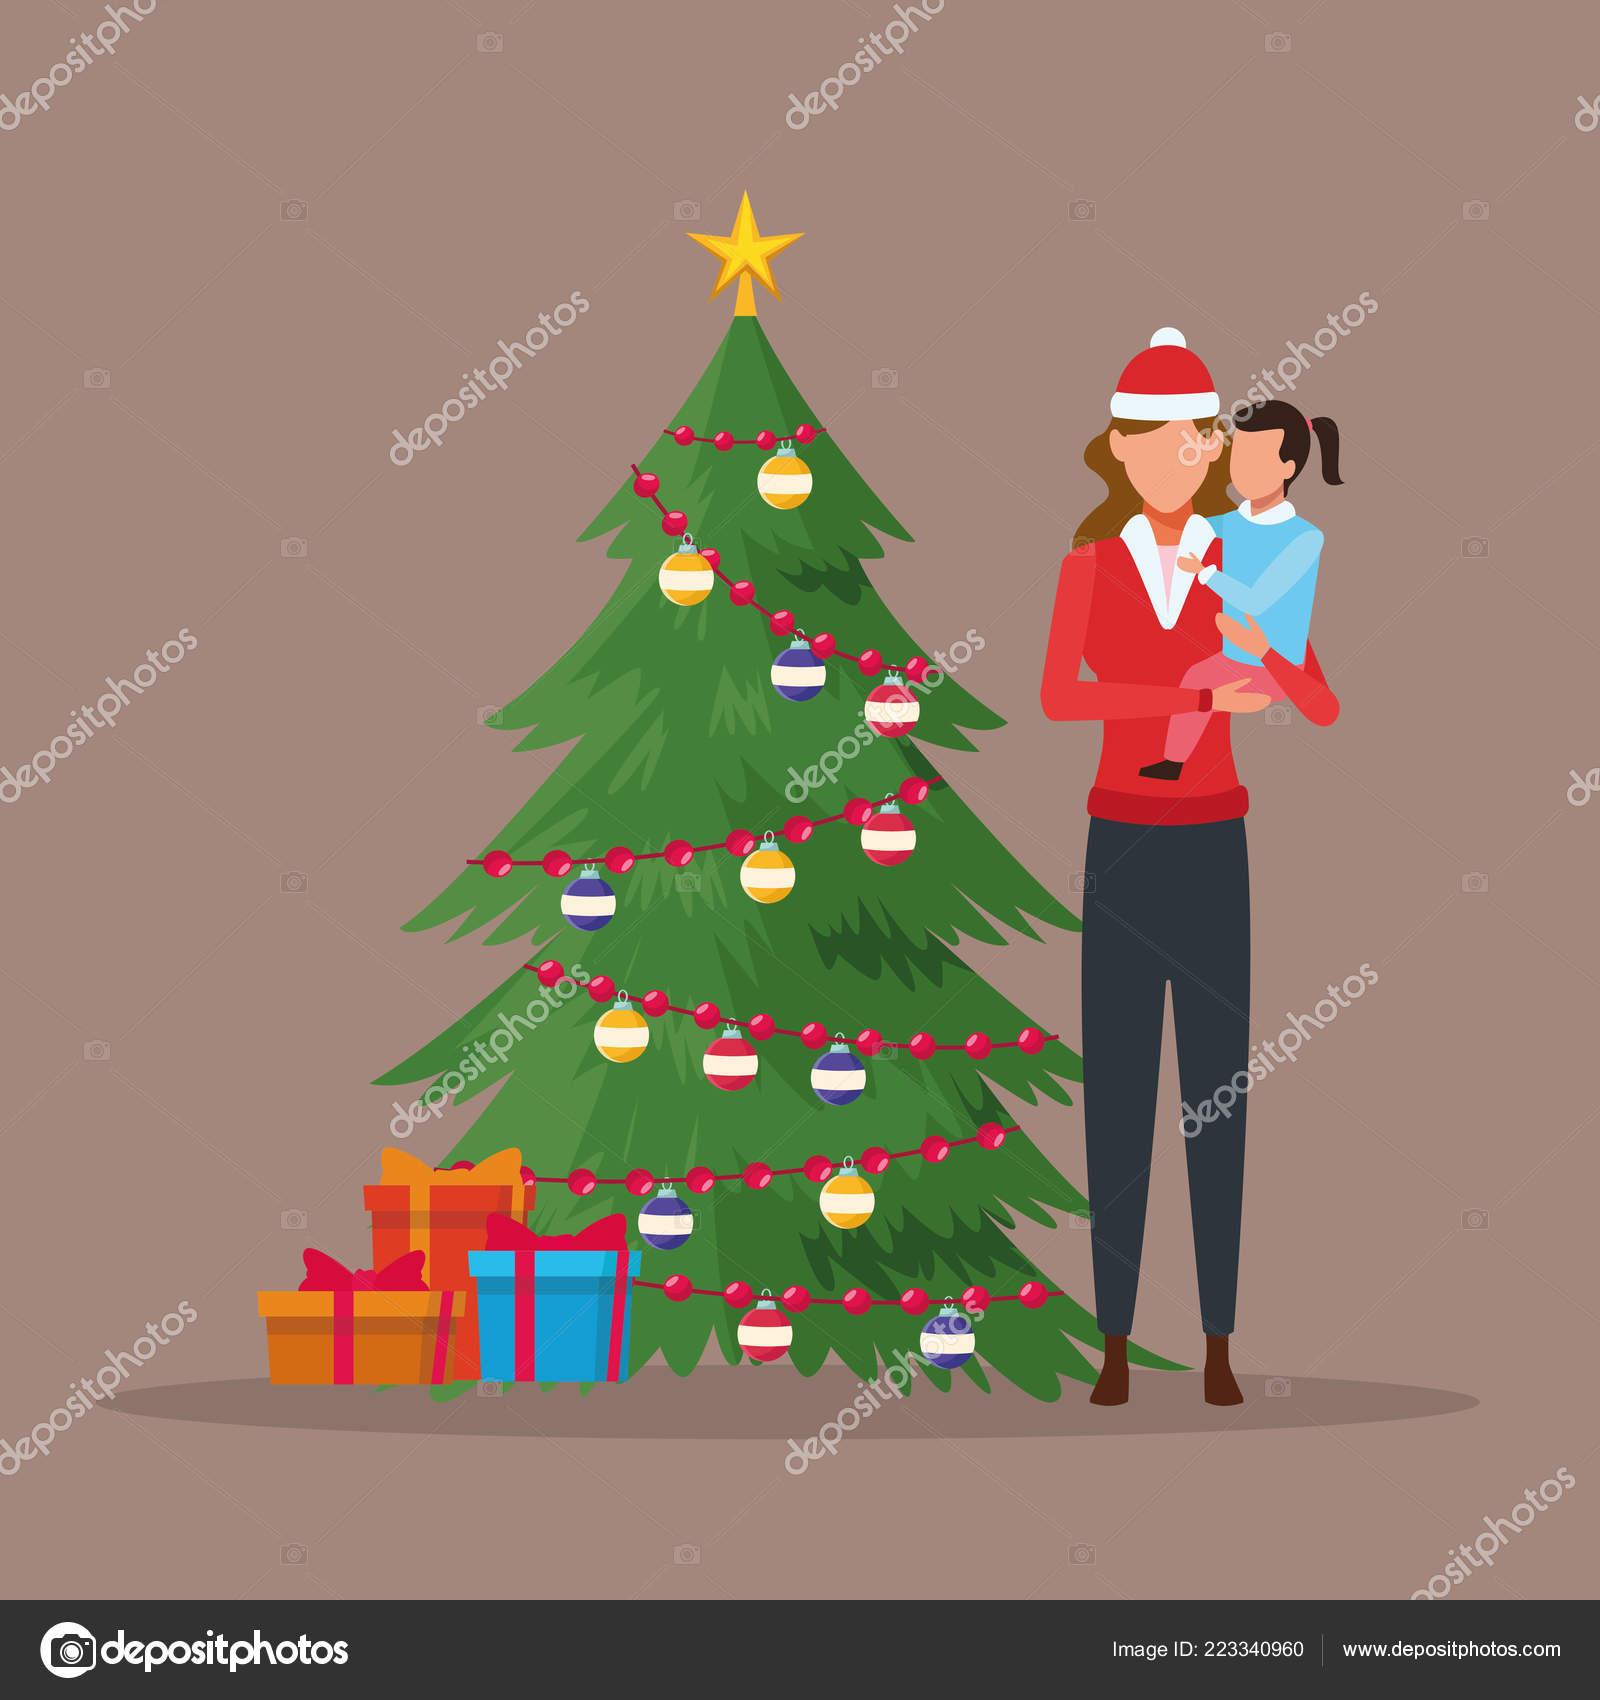 Frohe Weihnachten Familie.Frohe Weihnachten In Familie Stockvektor Jemastock 223340960